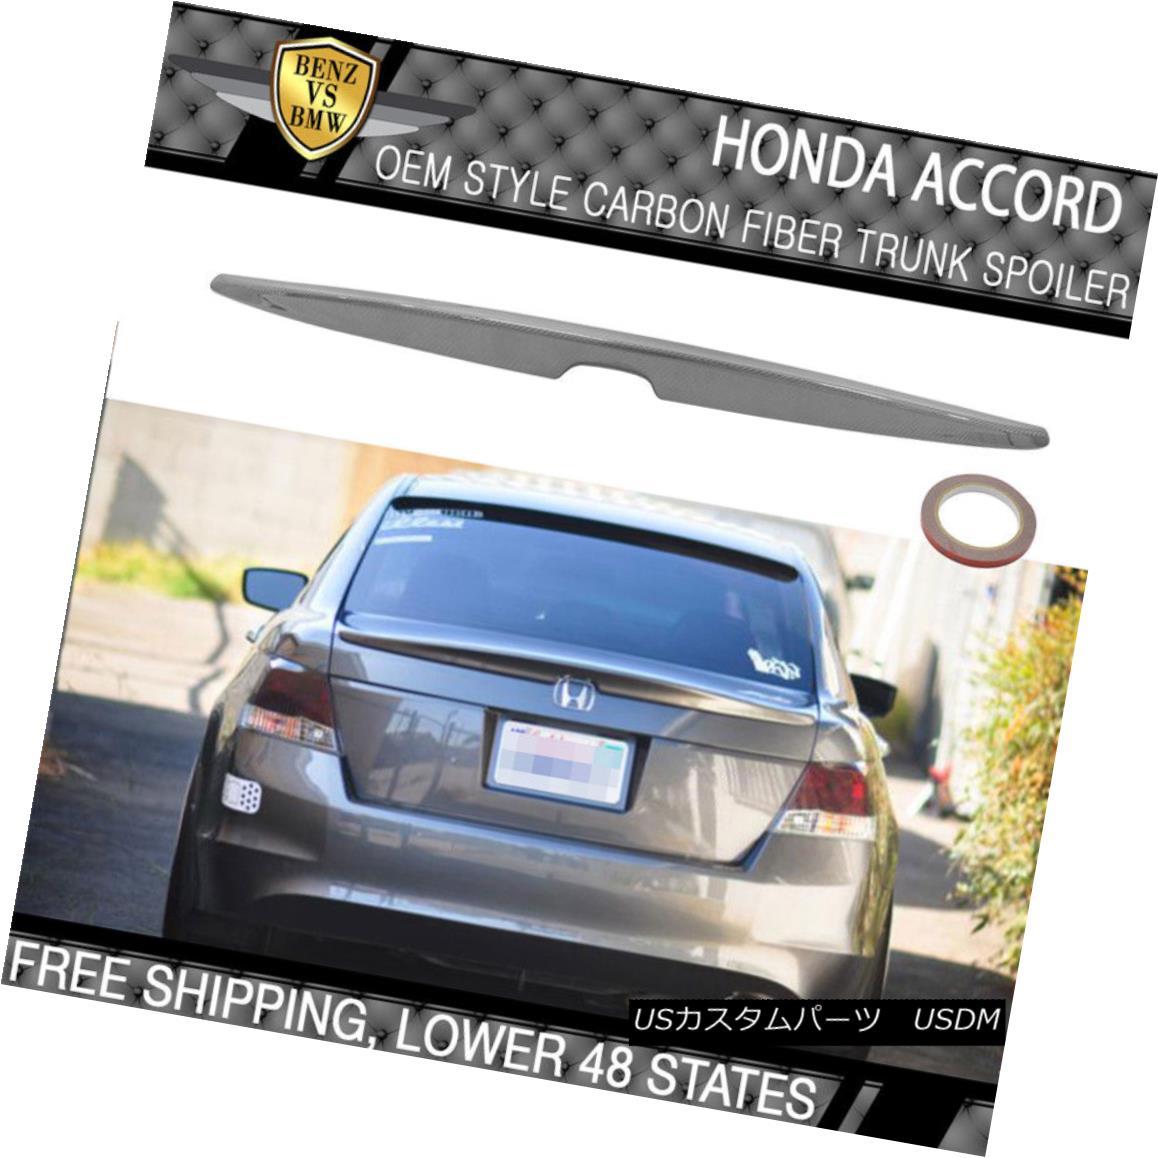 エアロパーツ 2008-2012 Honda Accord Sedan 4D 4DR JDM OE Matte Carbon Fiber CF Trunk Spoiler 2008 - 2012年ホンダアコードセダン4D 4DR JDM OEマットカーボンファイバーCFトランク・スポイラー